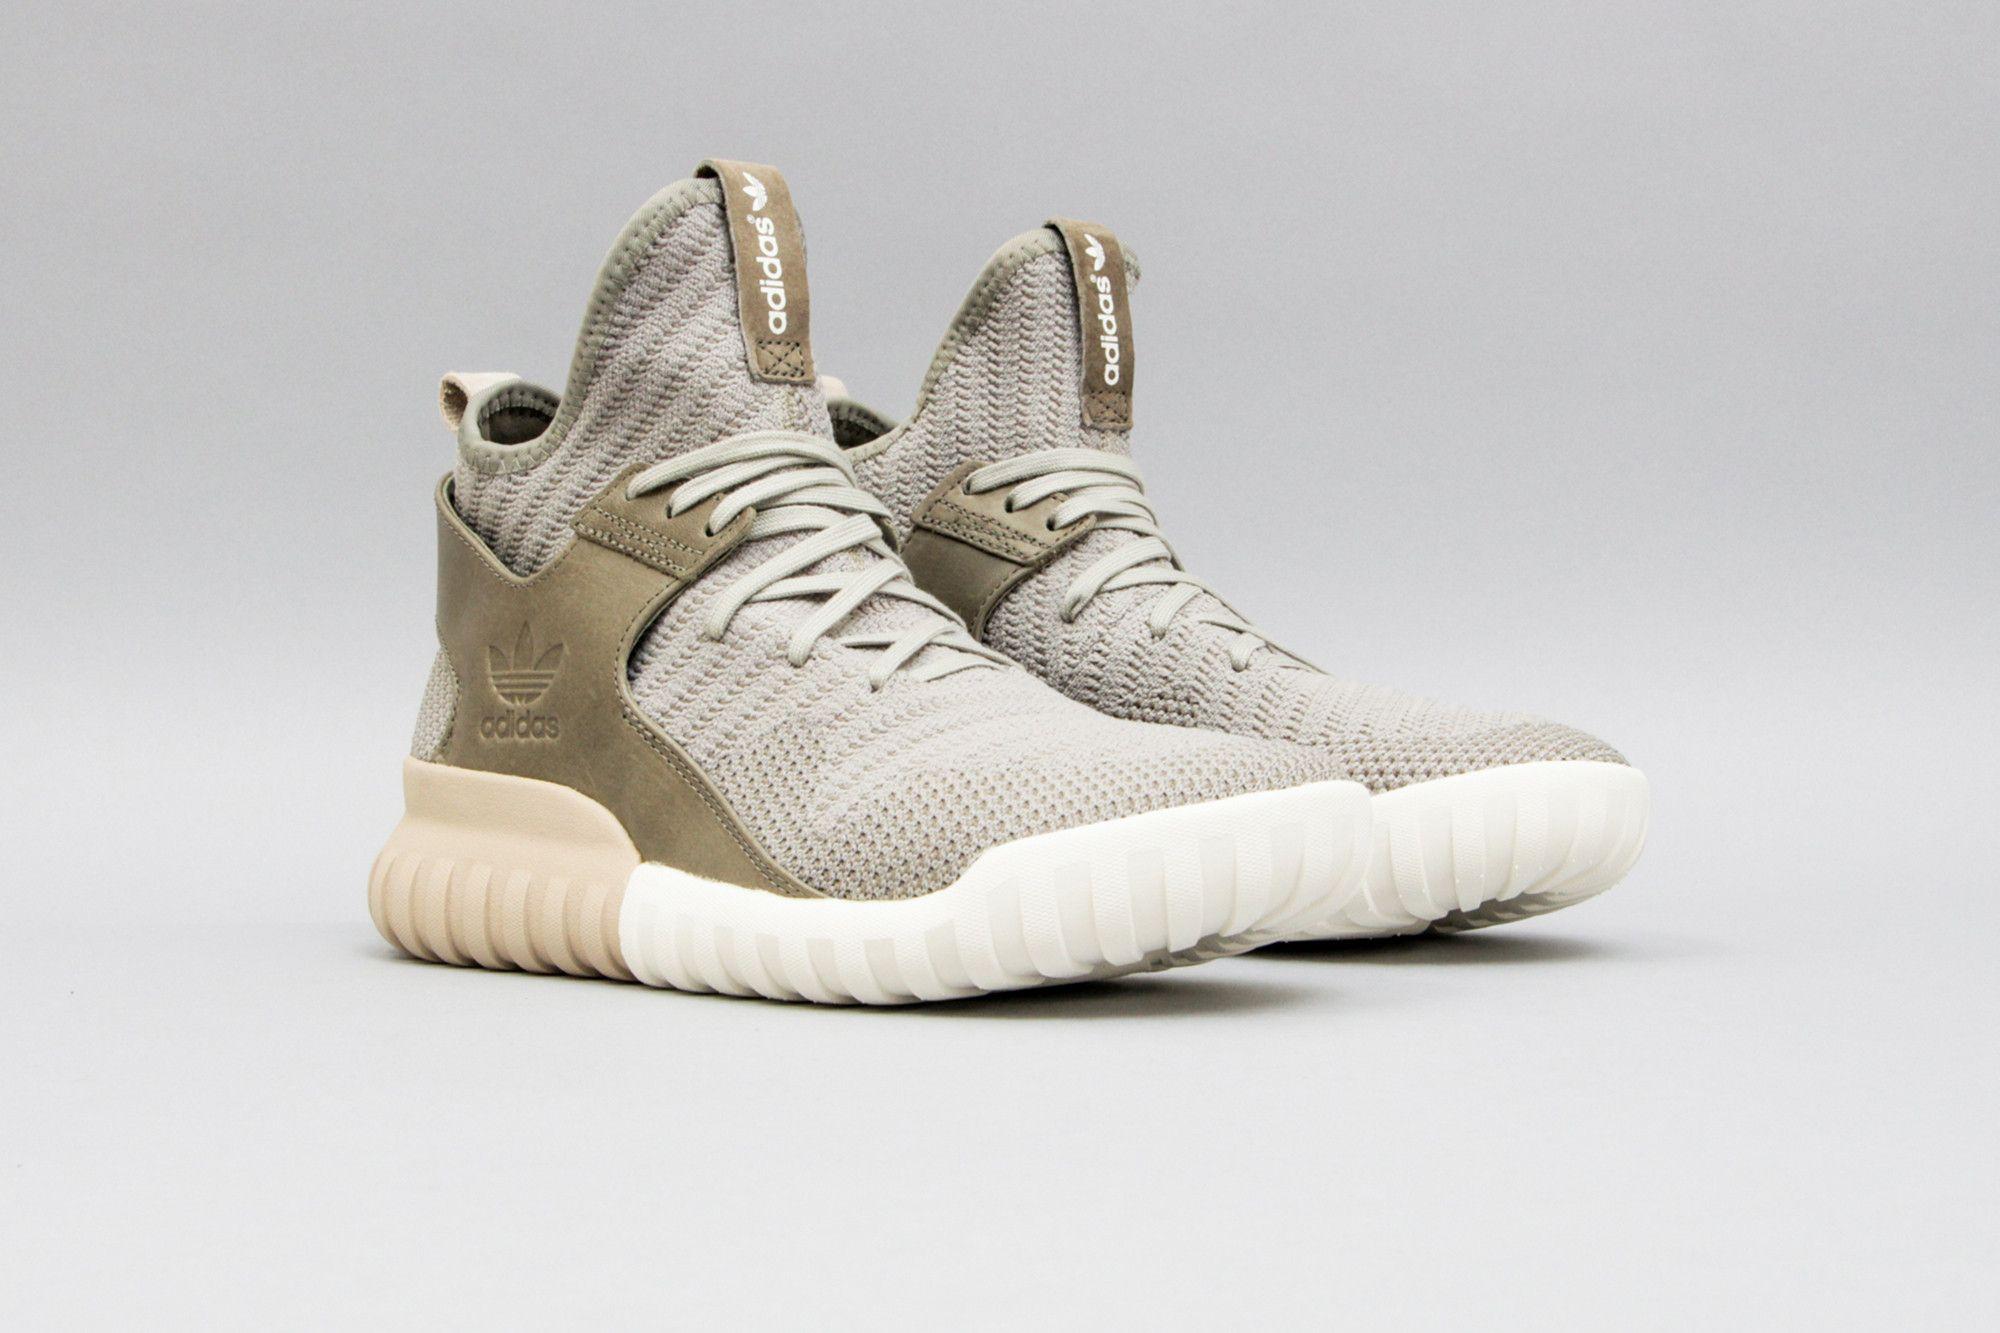 Adidas Tubular X Gold